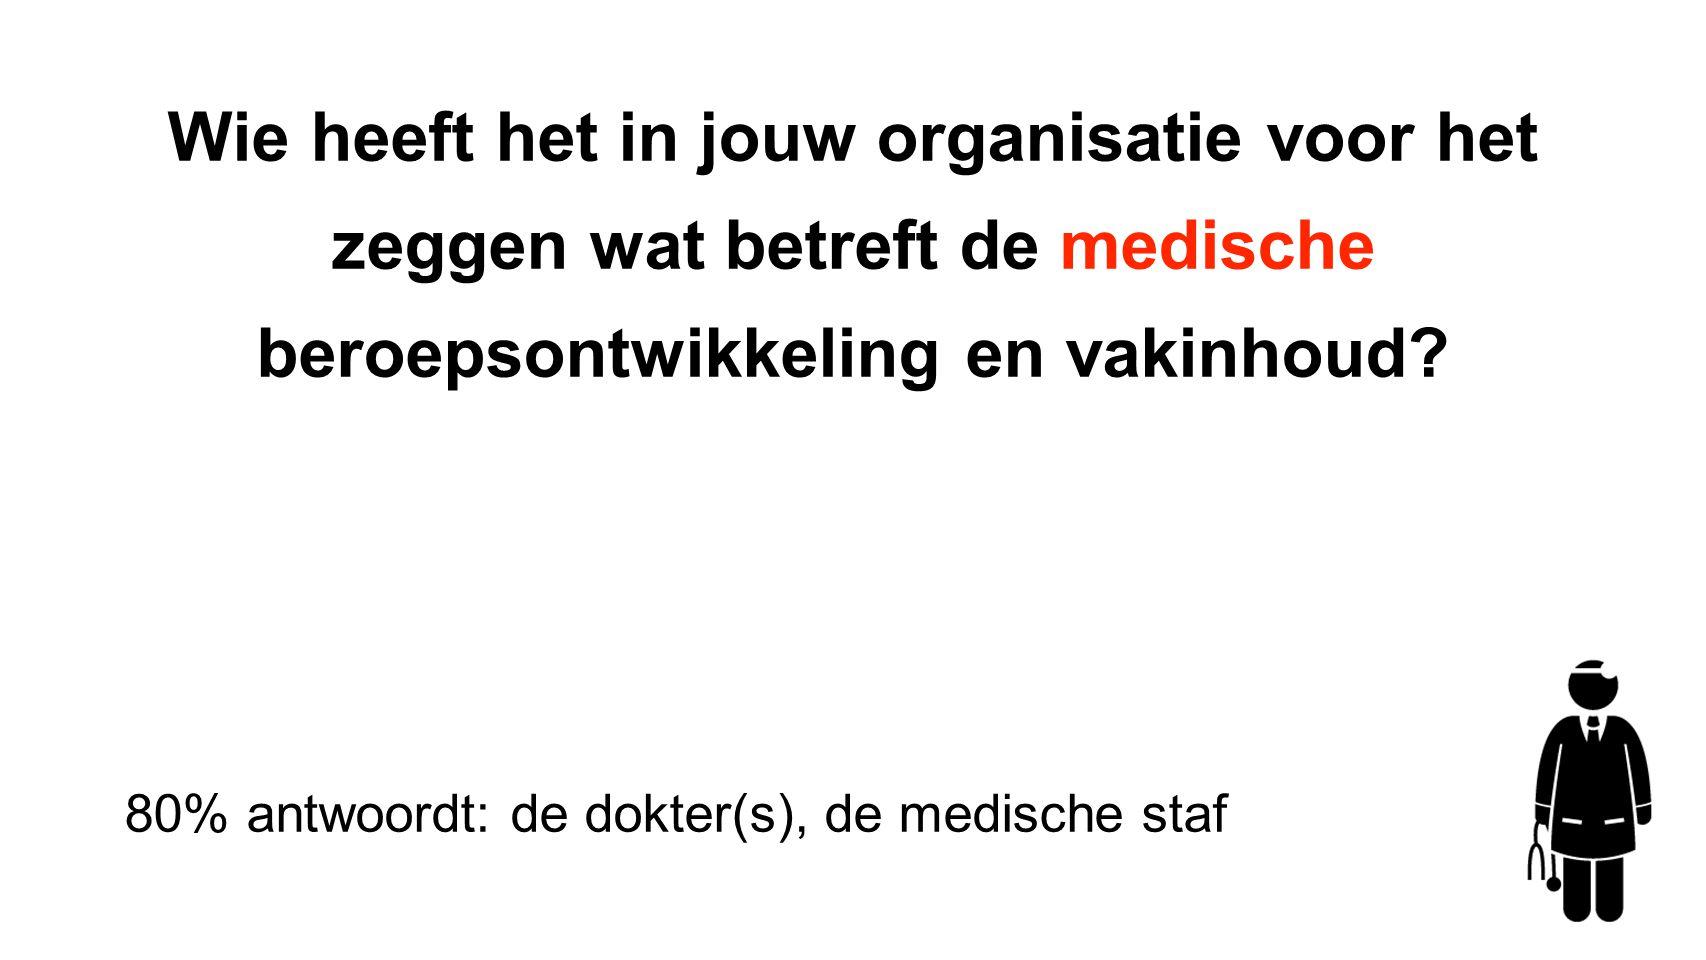 80% antwoordt: de dokter(s), de medische staf Wie heeft het in jouw organisatie voor het zeggen wat betreft de medische beroepsontwikkeling en vakinhoud